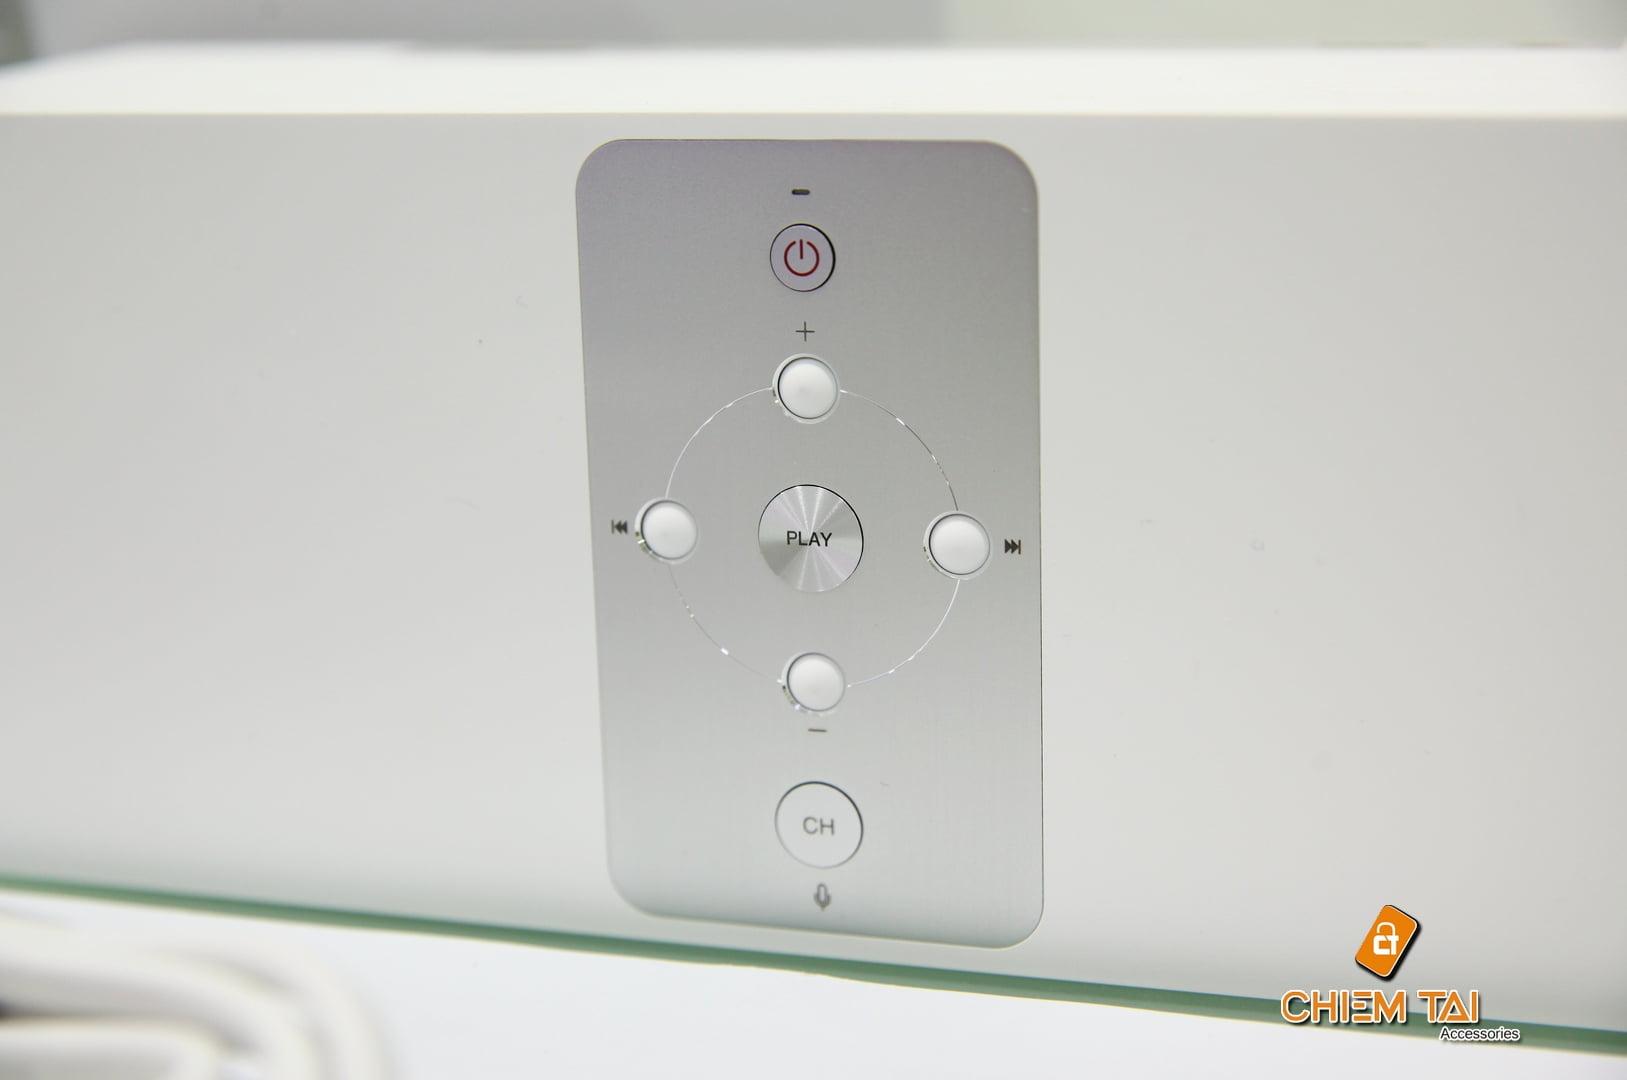 loa thong minh xiaomi wifi speaker 605da57491d7e